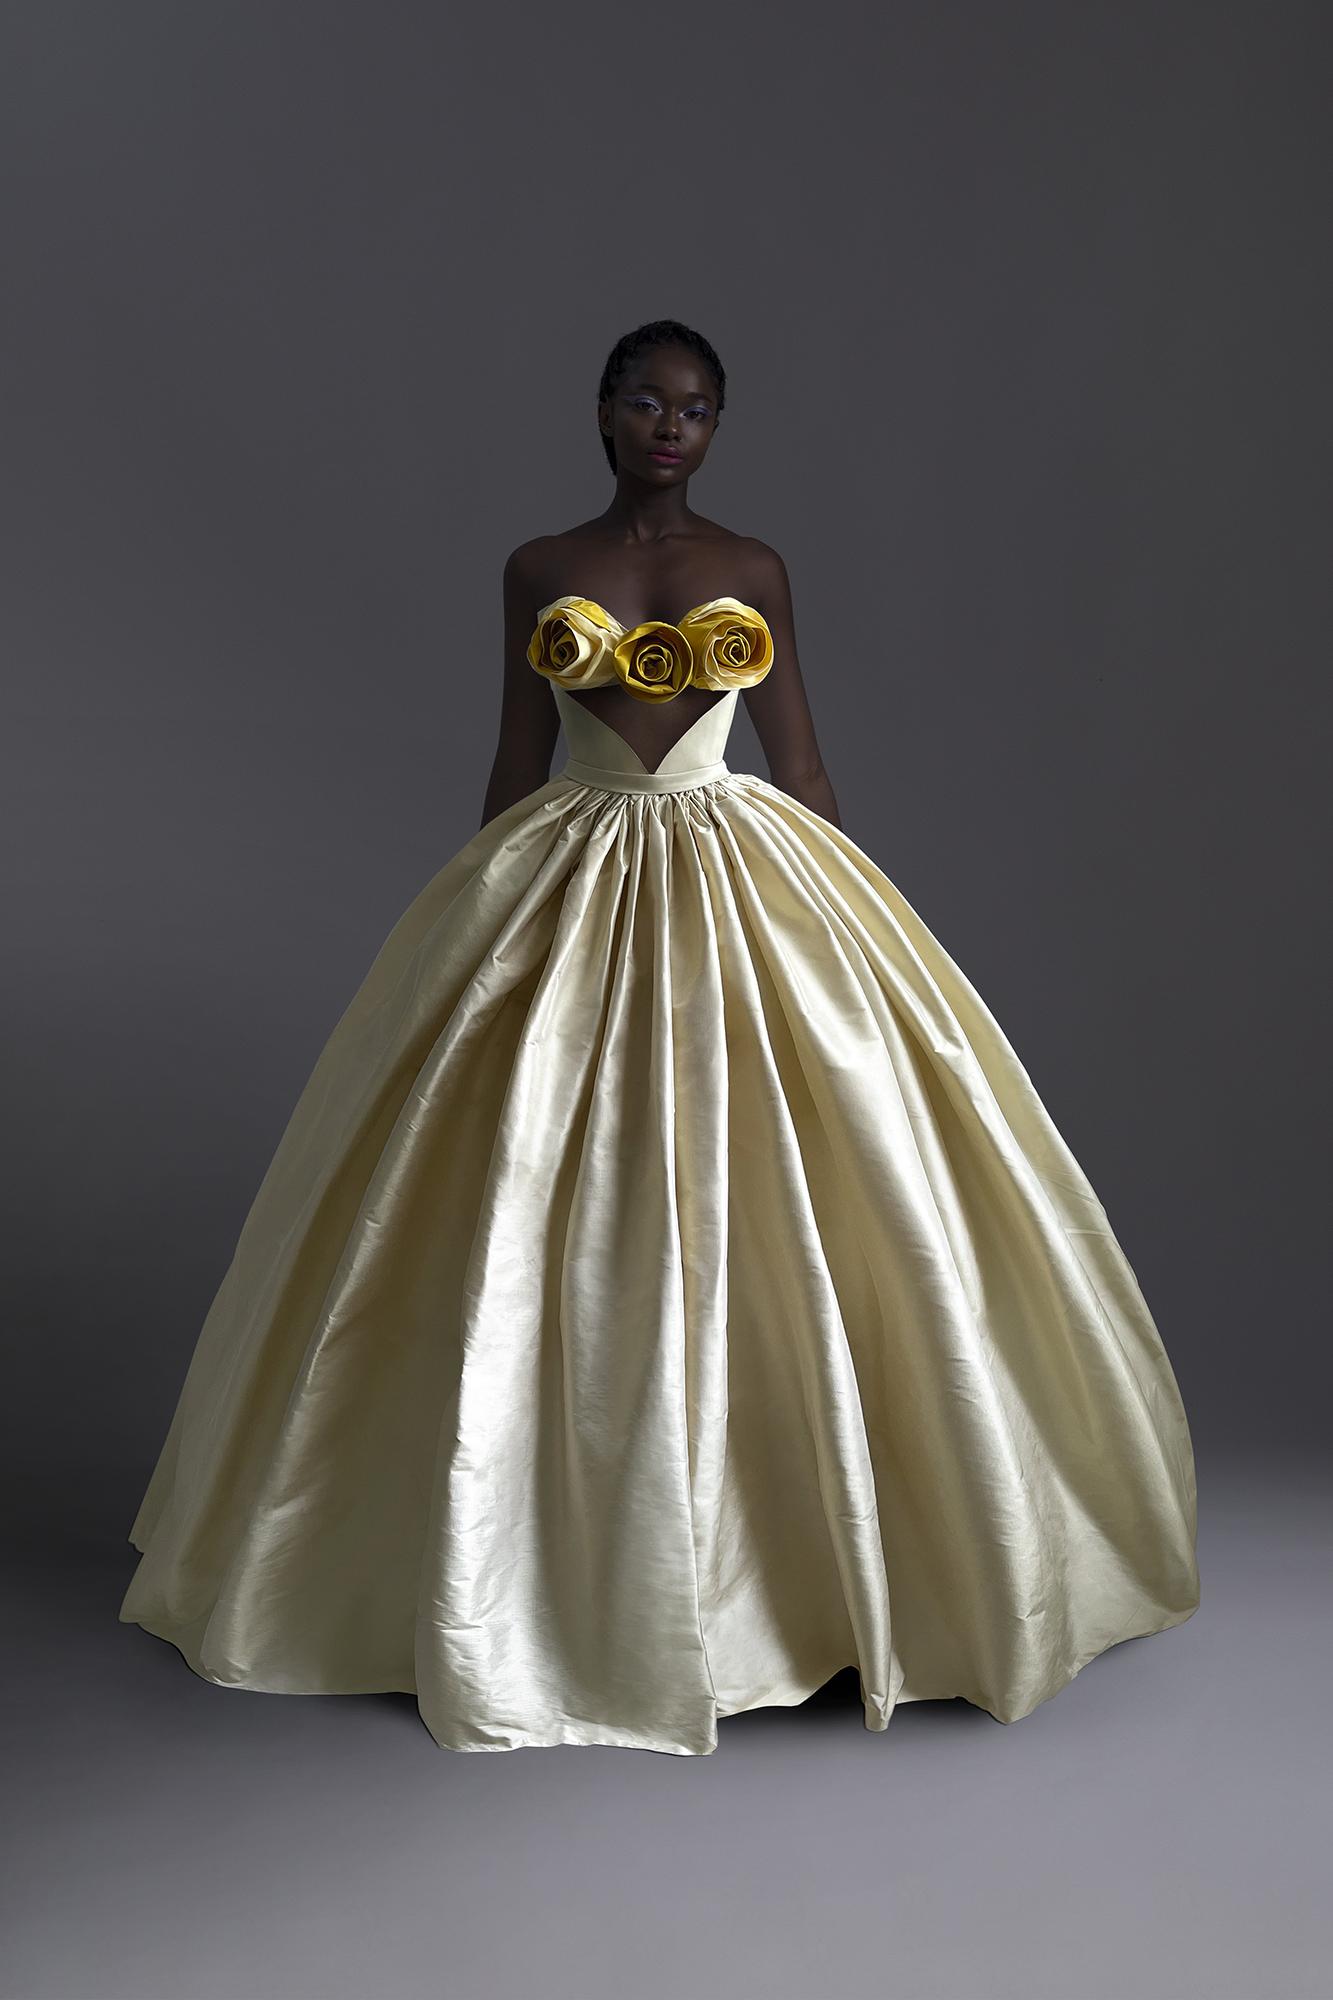 Chiếc váy xoè điệu đà trở nên ấn tượng nhờ chi tiết hoa hồng 3D ở ngực được xử lý khéo léo. BST lần này được anh thực hiện chủ yếu trên nền vải taffeta.